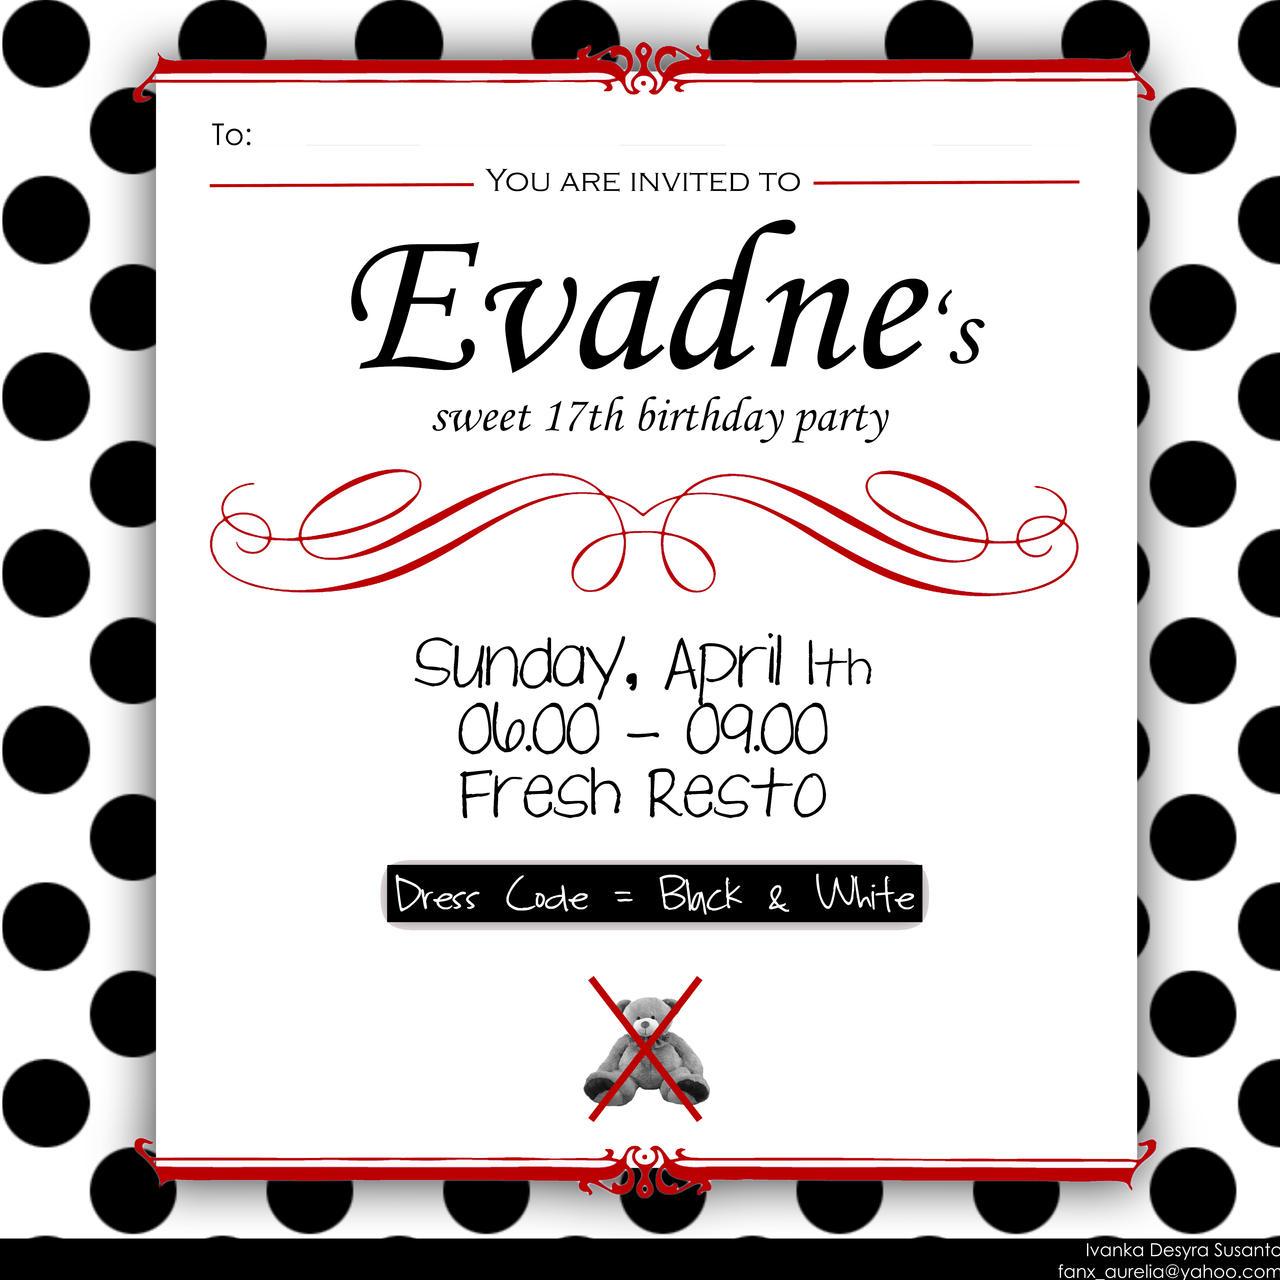 Invitation Prints as perfect invitation design